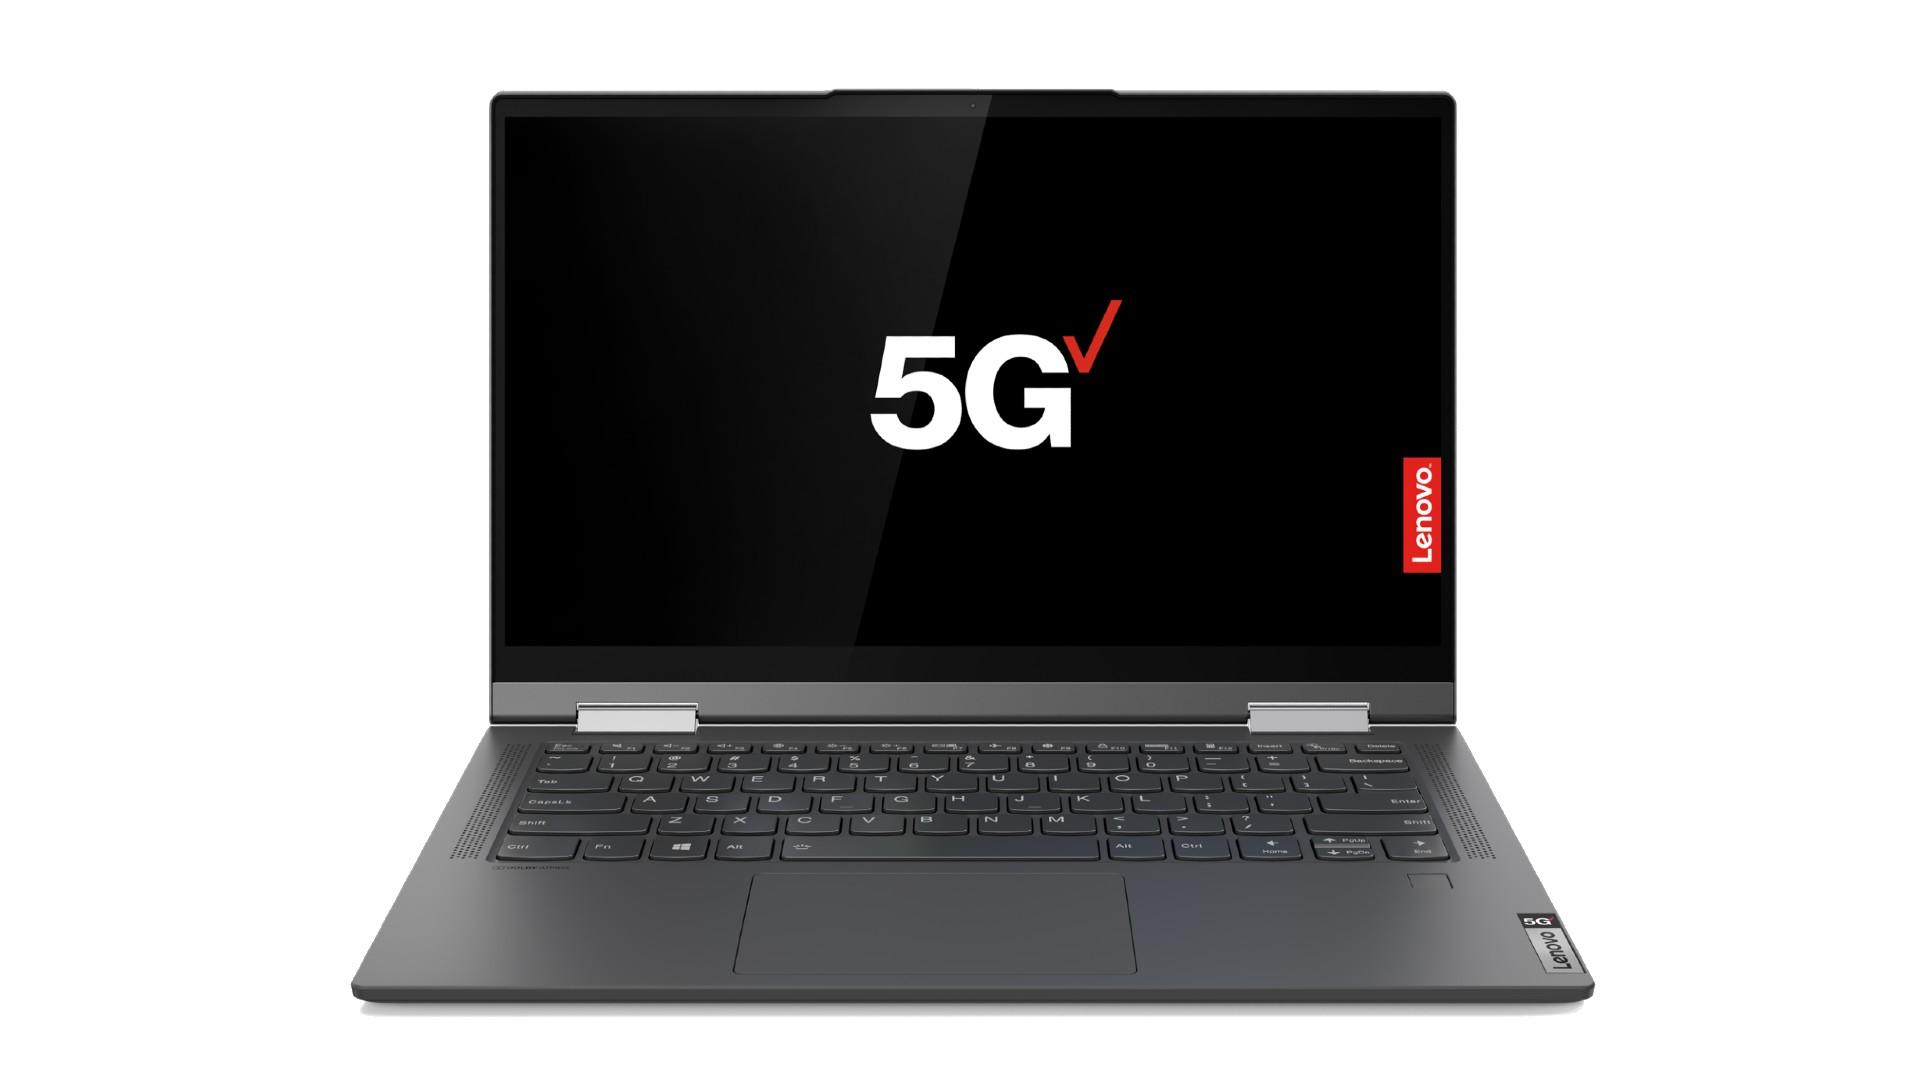 Lenovo Flex 5G Verizon